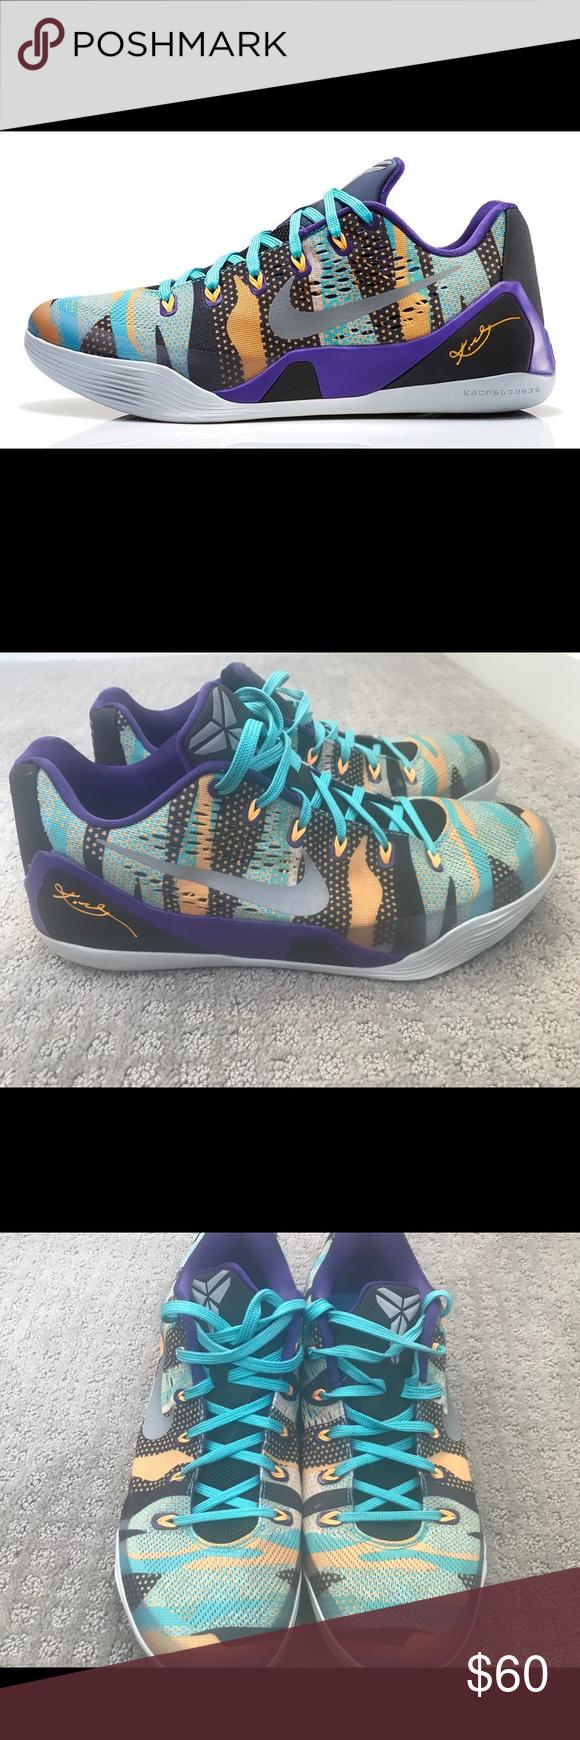 6ca321d23d62 Nike Kobe 9 EM Pop Art Camo sz 11.5 Nike Kobe 9 EM Pop Art Camo sz ...